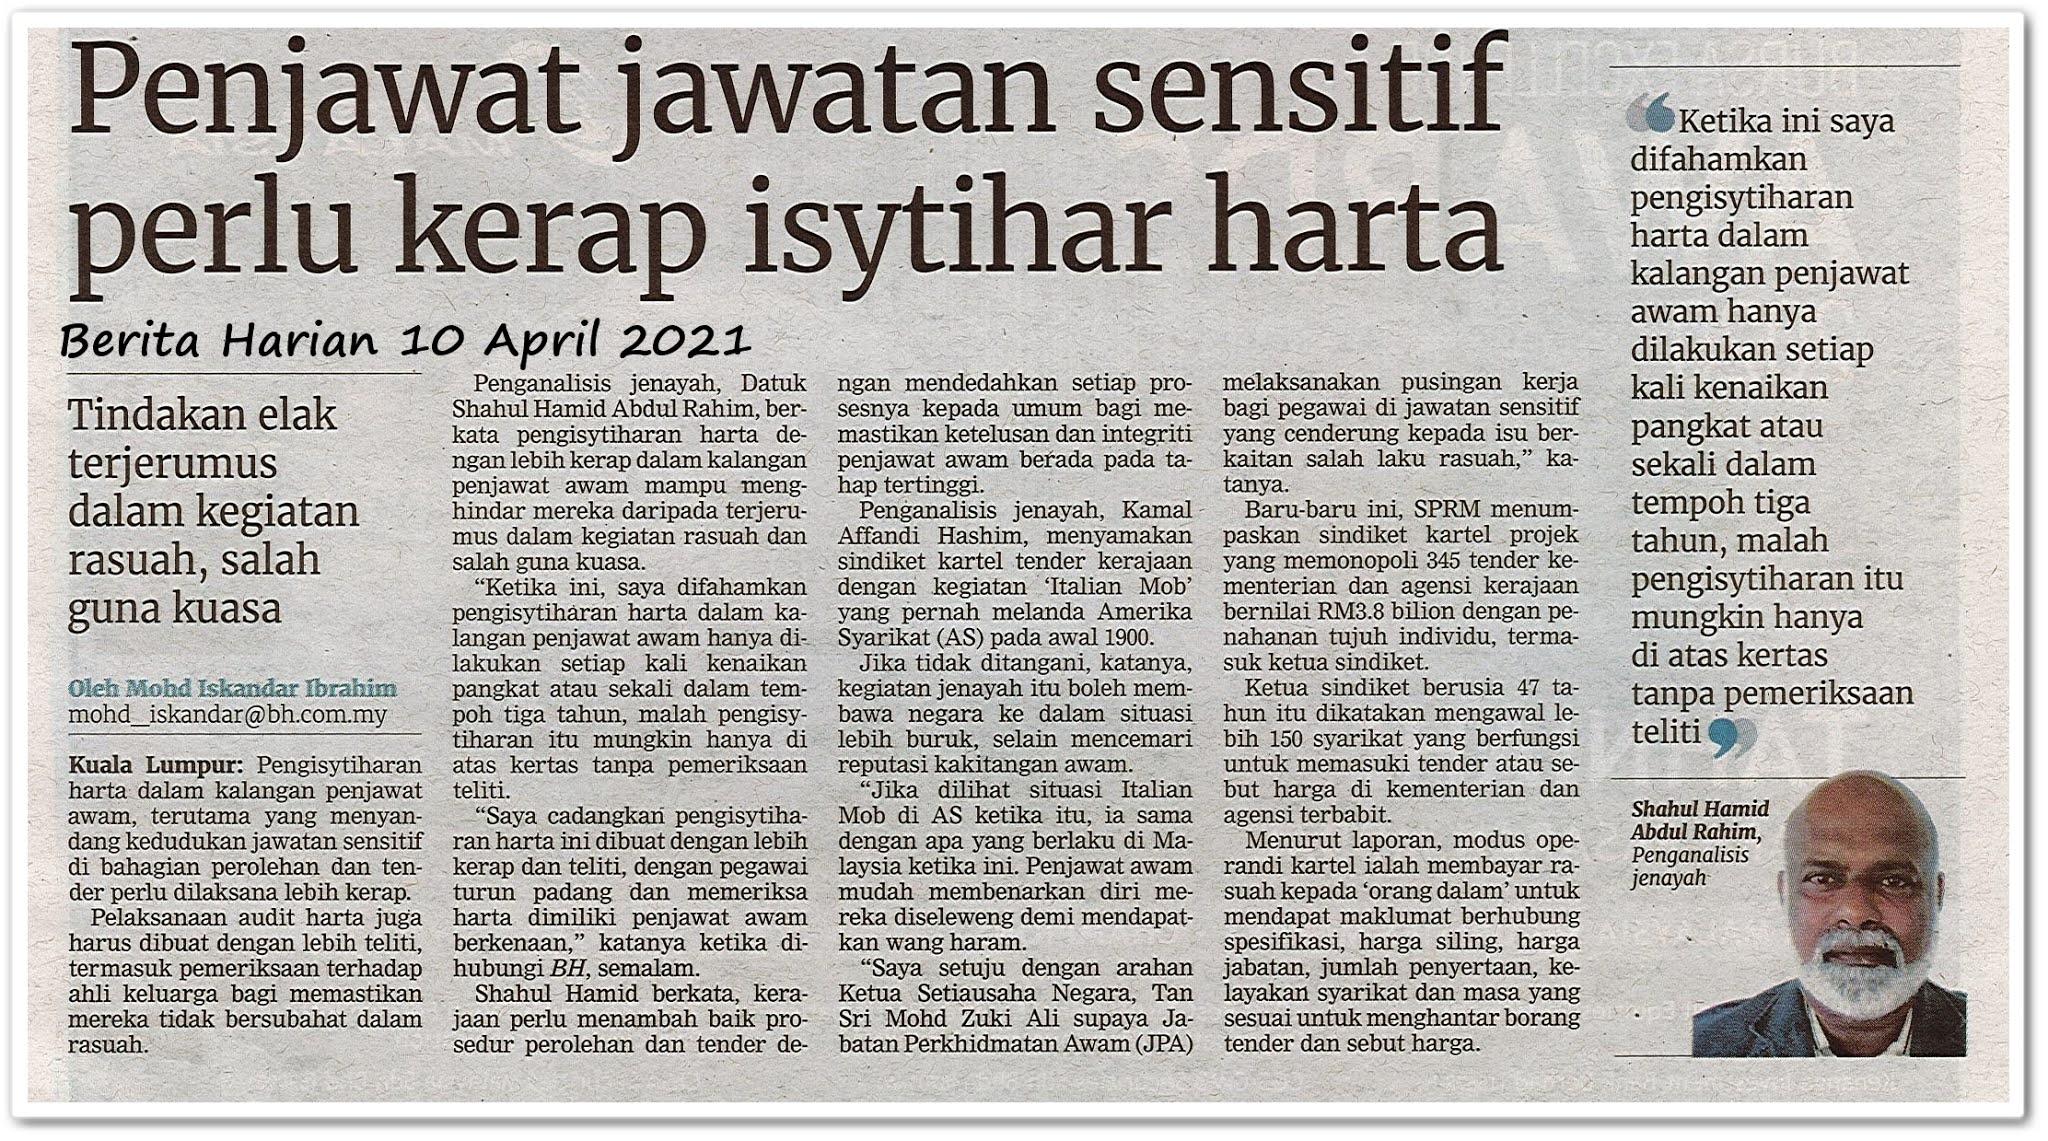 Penjawat jawatan sensitif perlu kerap isytihar harta - Keratan akhbar Berita Harian 10 April 2021